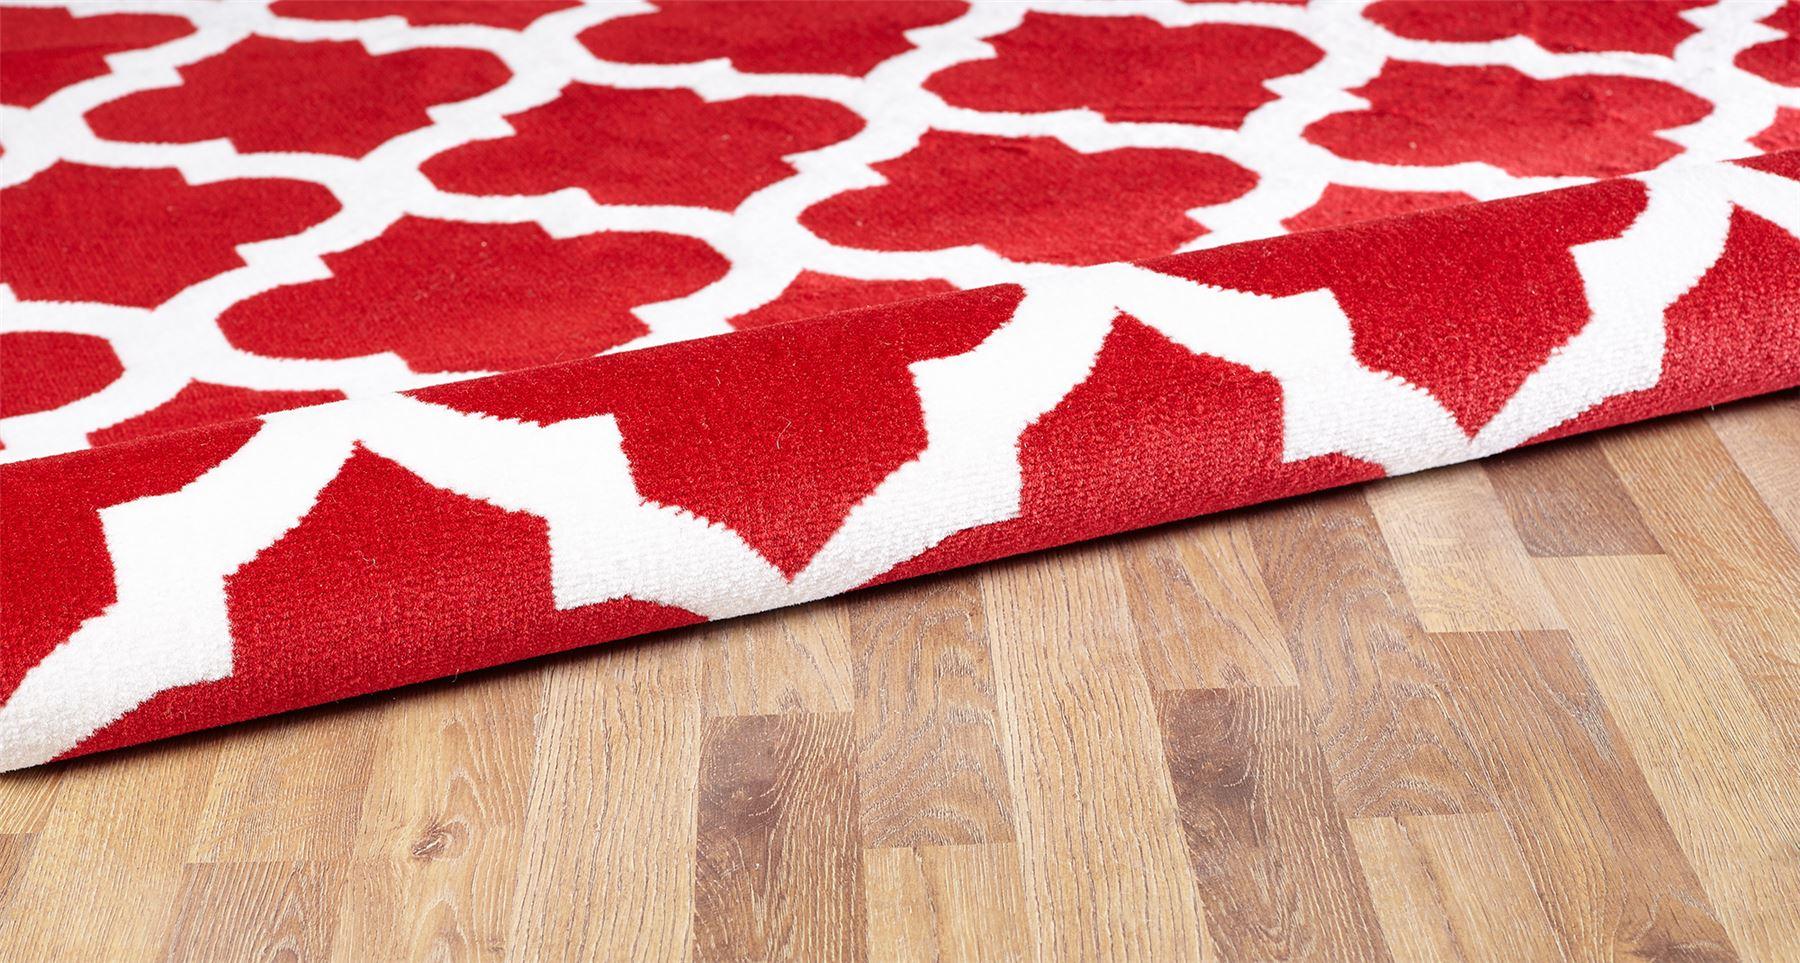 Nero-Rosso-Argento-Bianco-Viola-Moderno-Area-Tappeto-Traliccio-DESIGN-CUCINA-outdoorrug miniatura 19